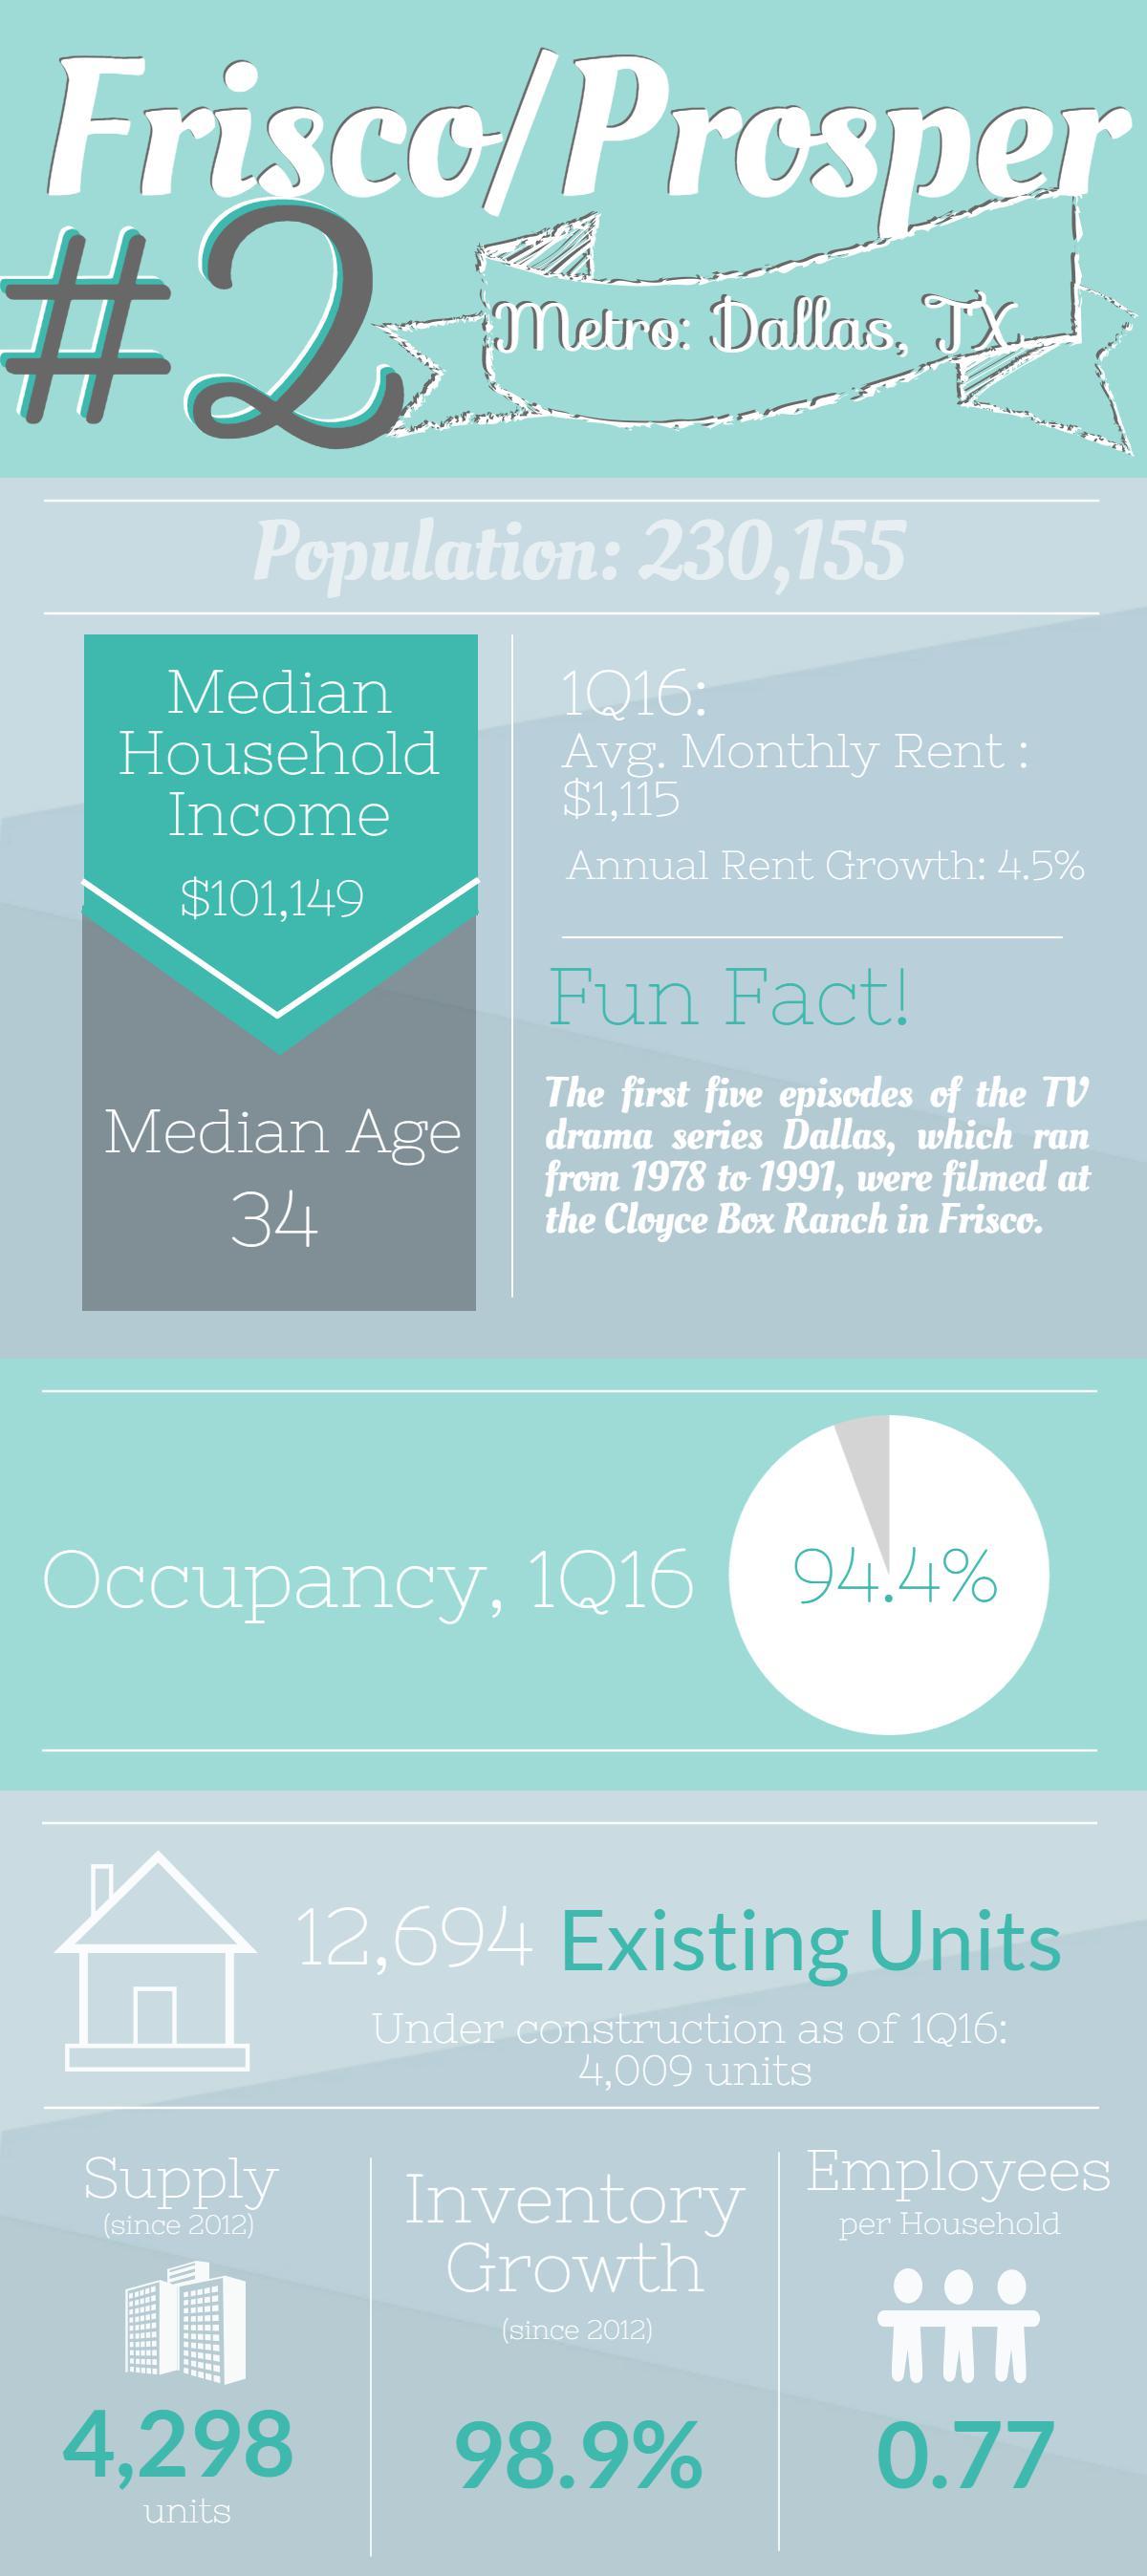 Multifamily rental housing data